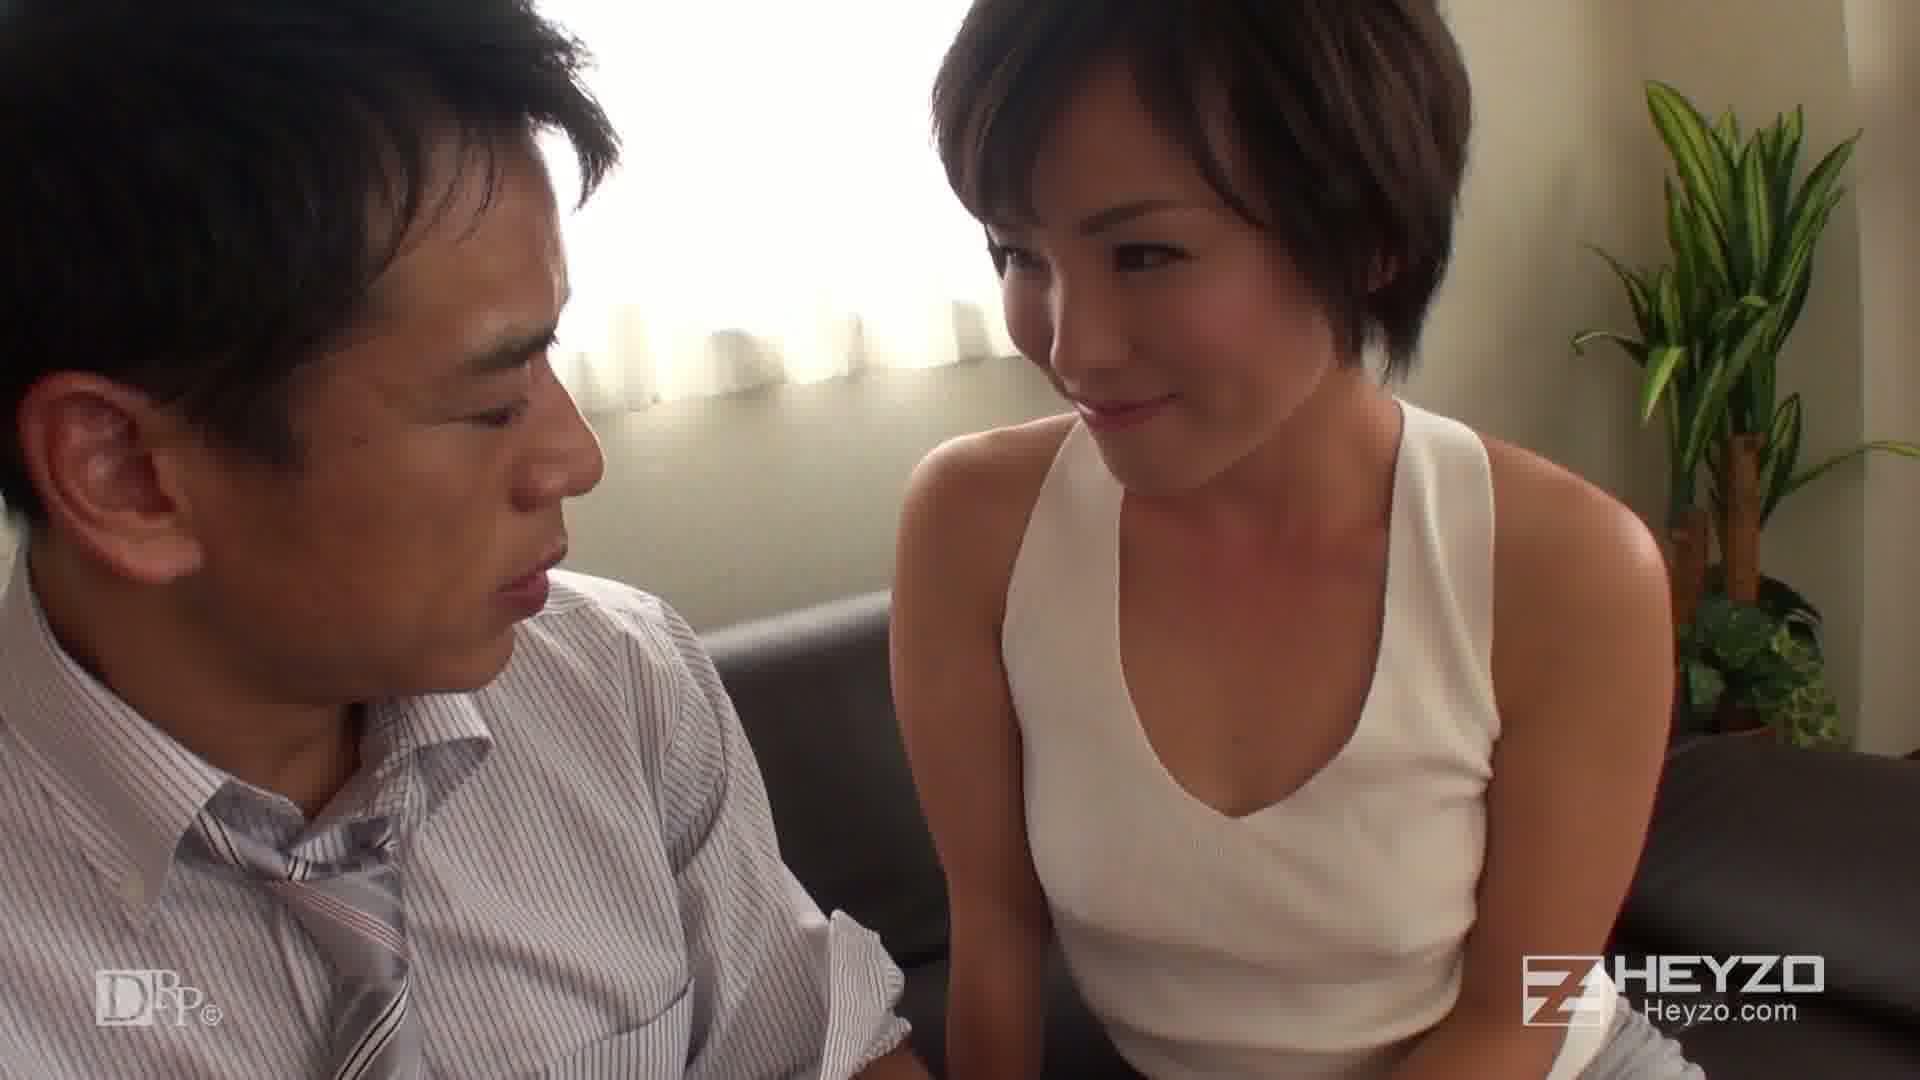 他人妻味~ノーブラ・ミニスカは悩殺アイテム~ - 蓮美【PC修理 誘惑 オナニー】